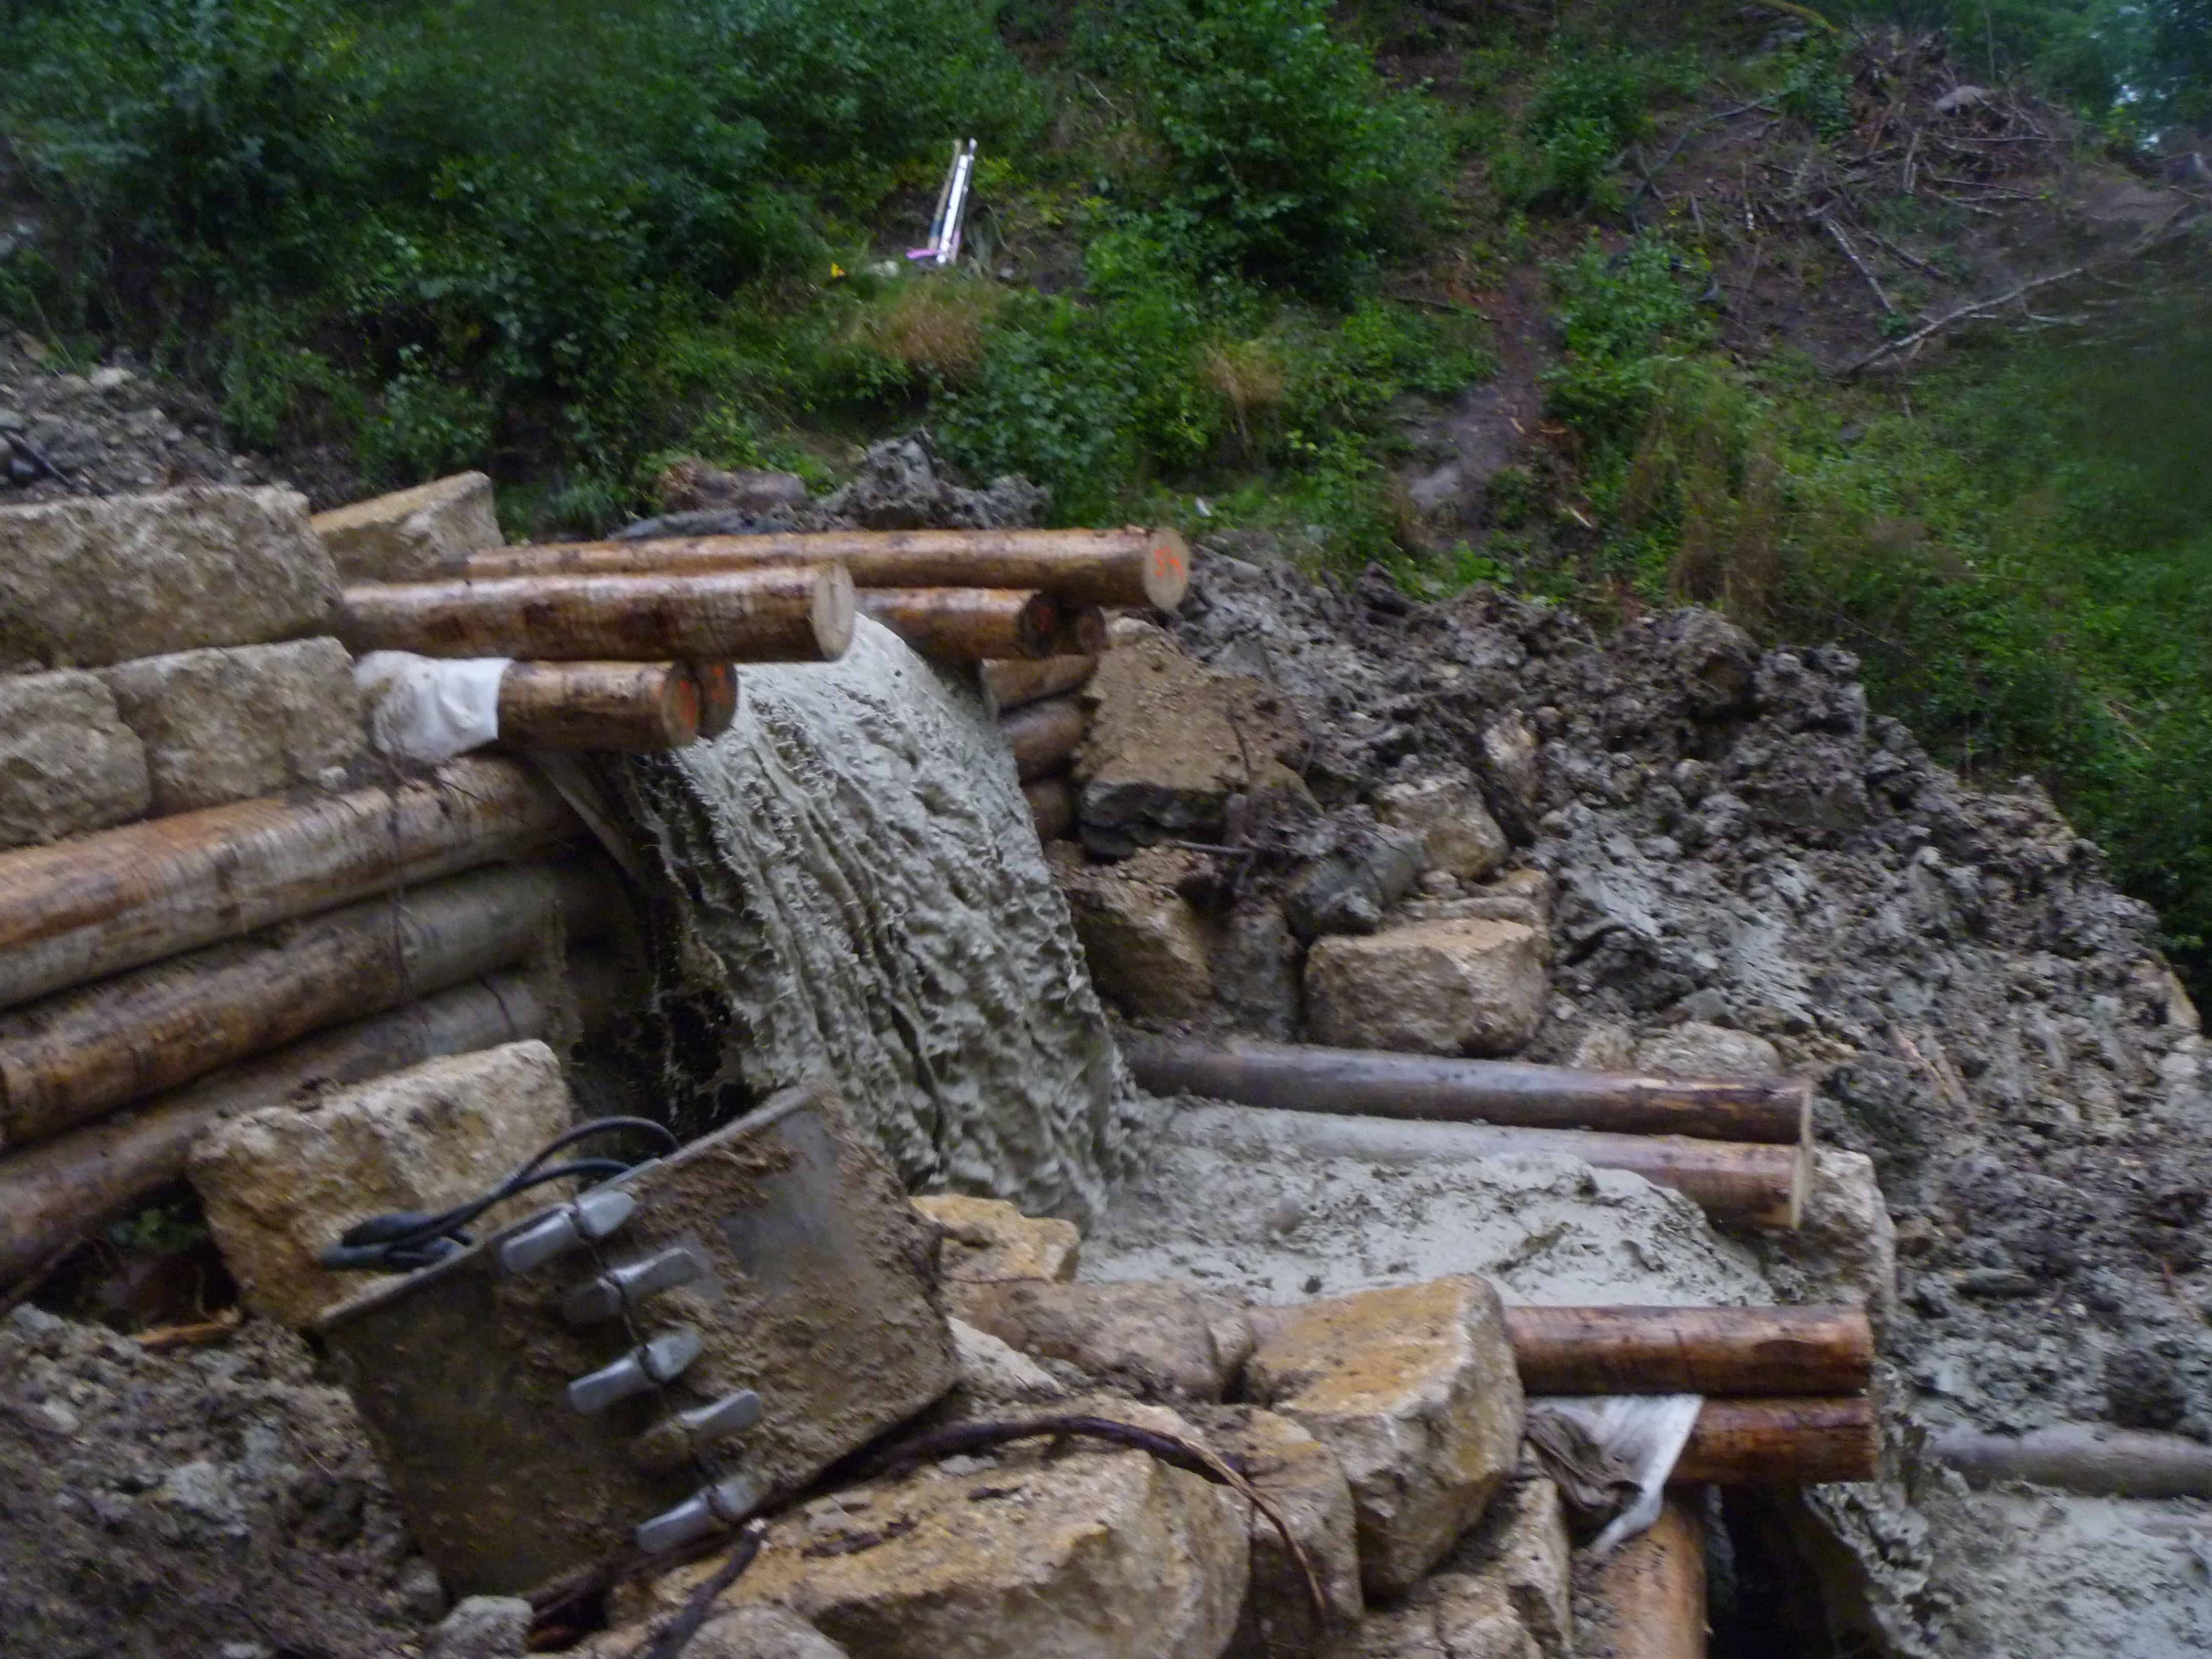 Sur cette partie du tronçon, le détournement de l'eau n'est plus possible, ce qui complique passablement la tâche